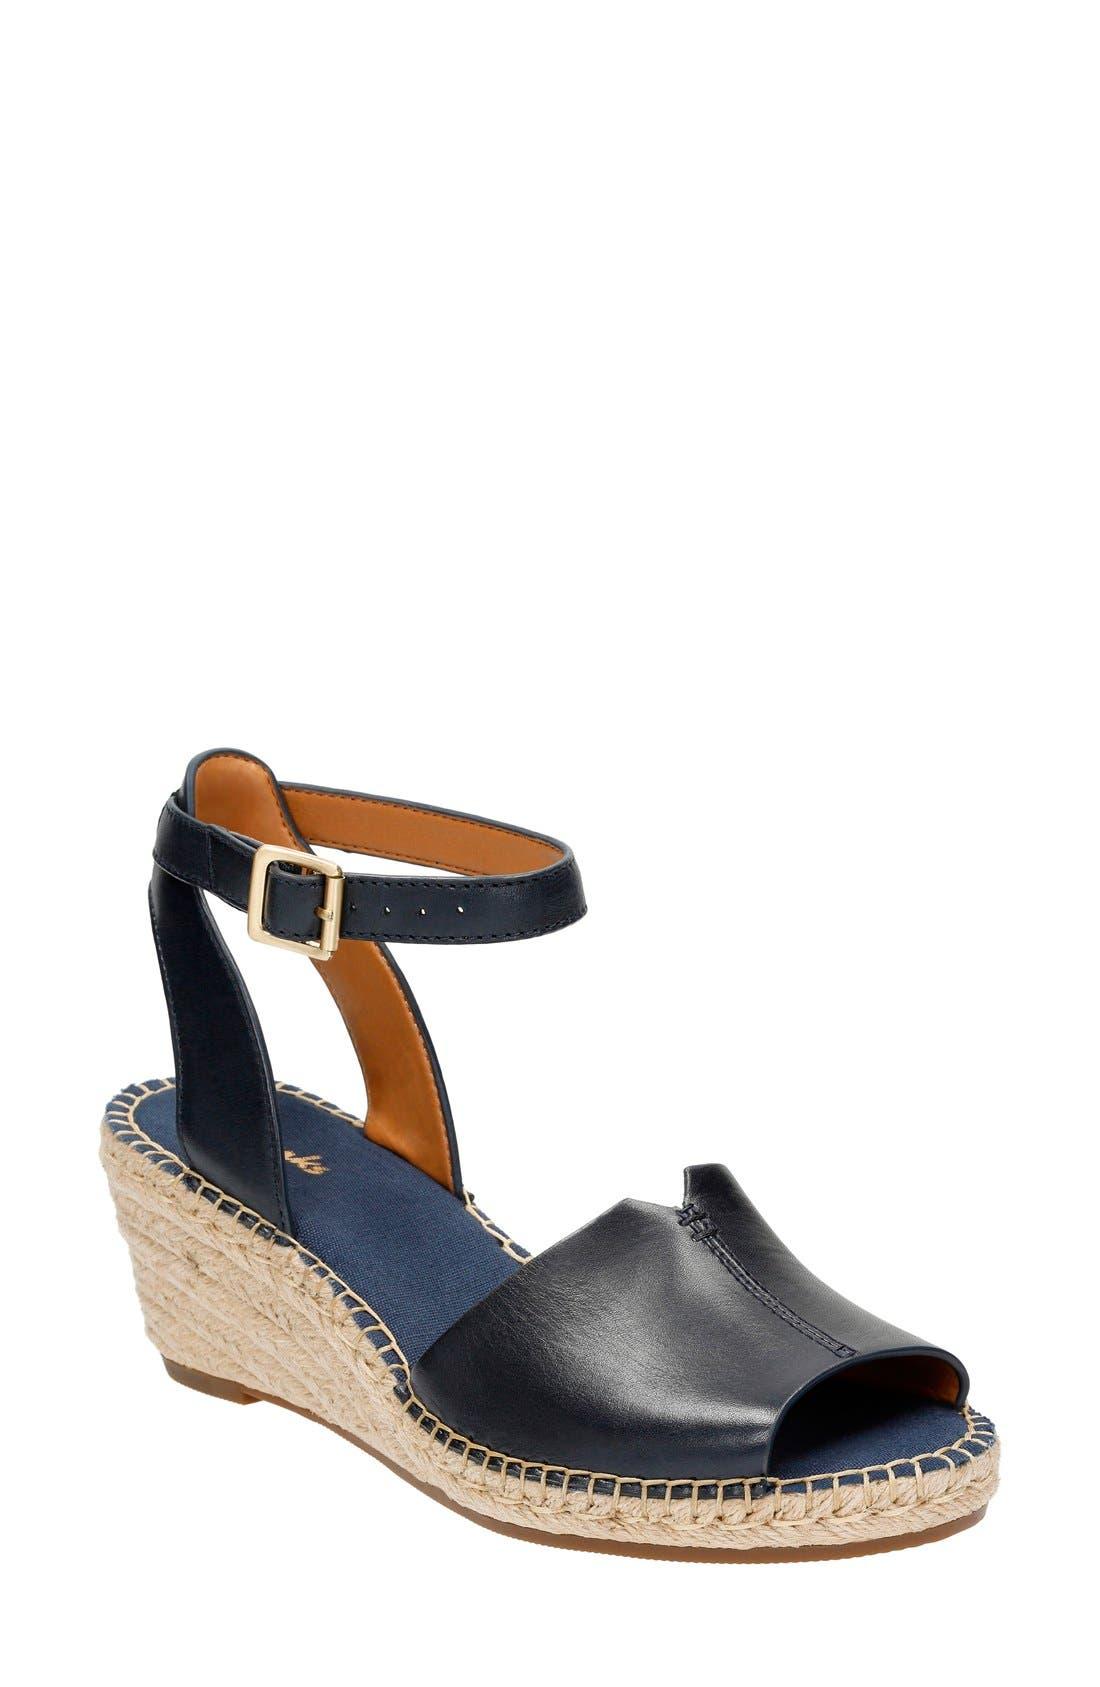 Main Image - Clarks® 'Petrina Selma' Sandal (Women)